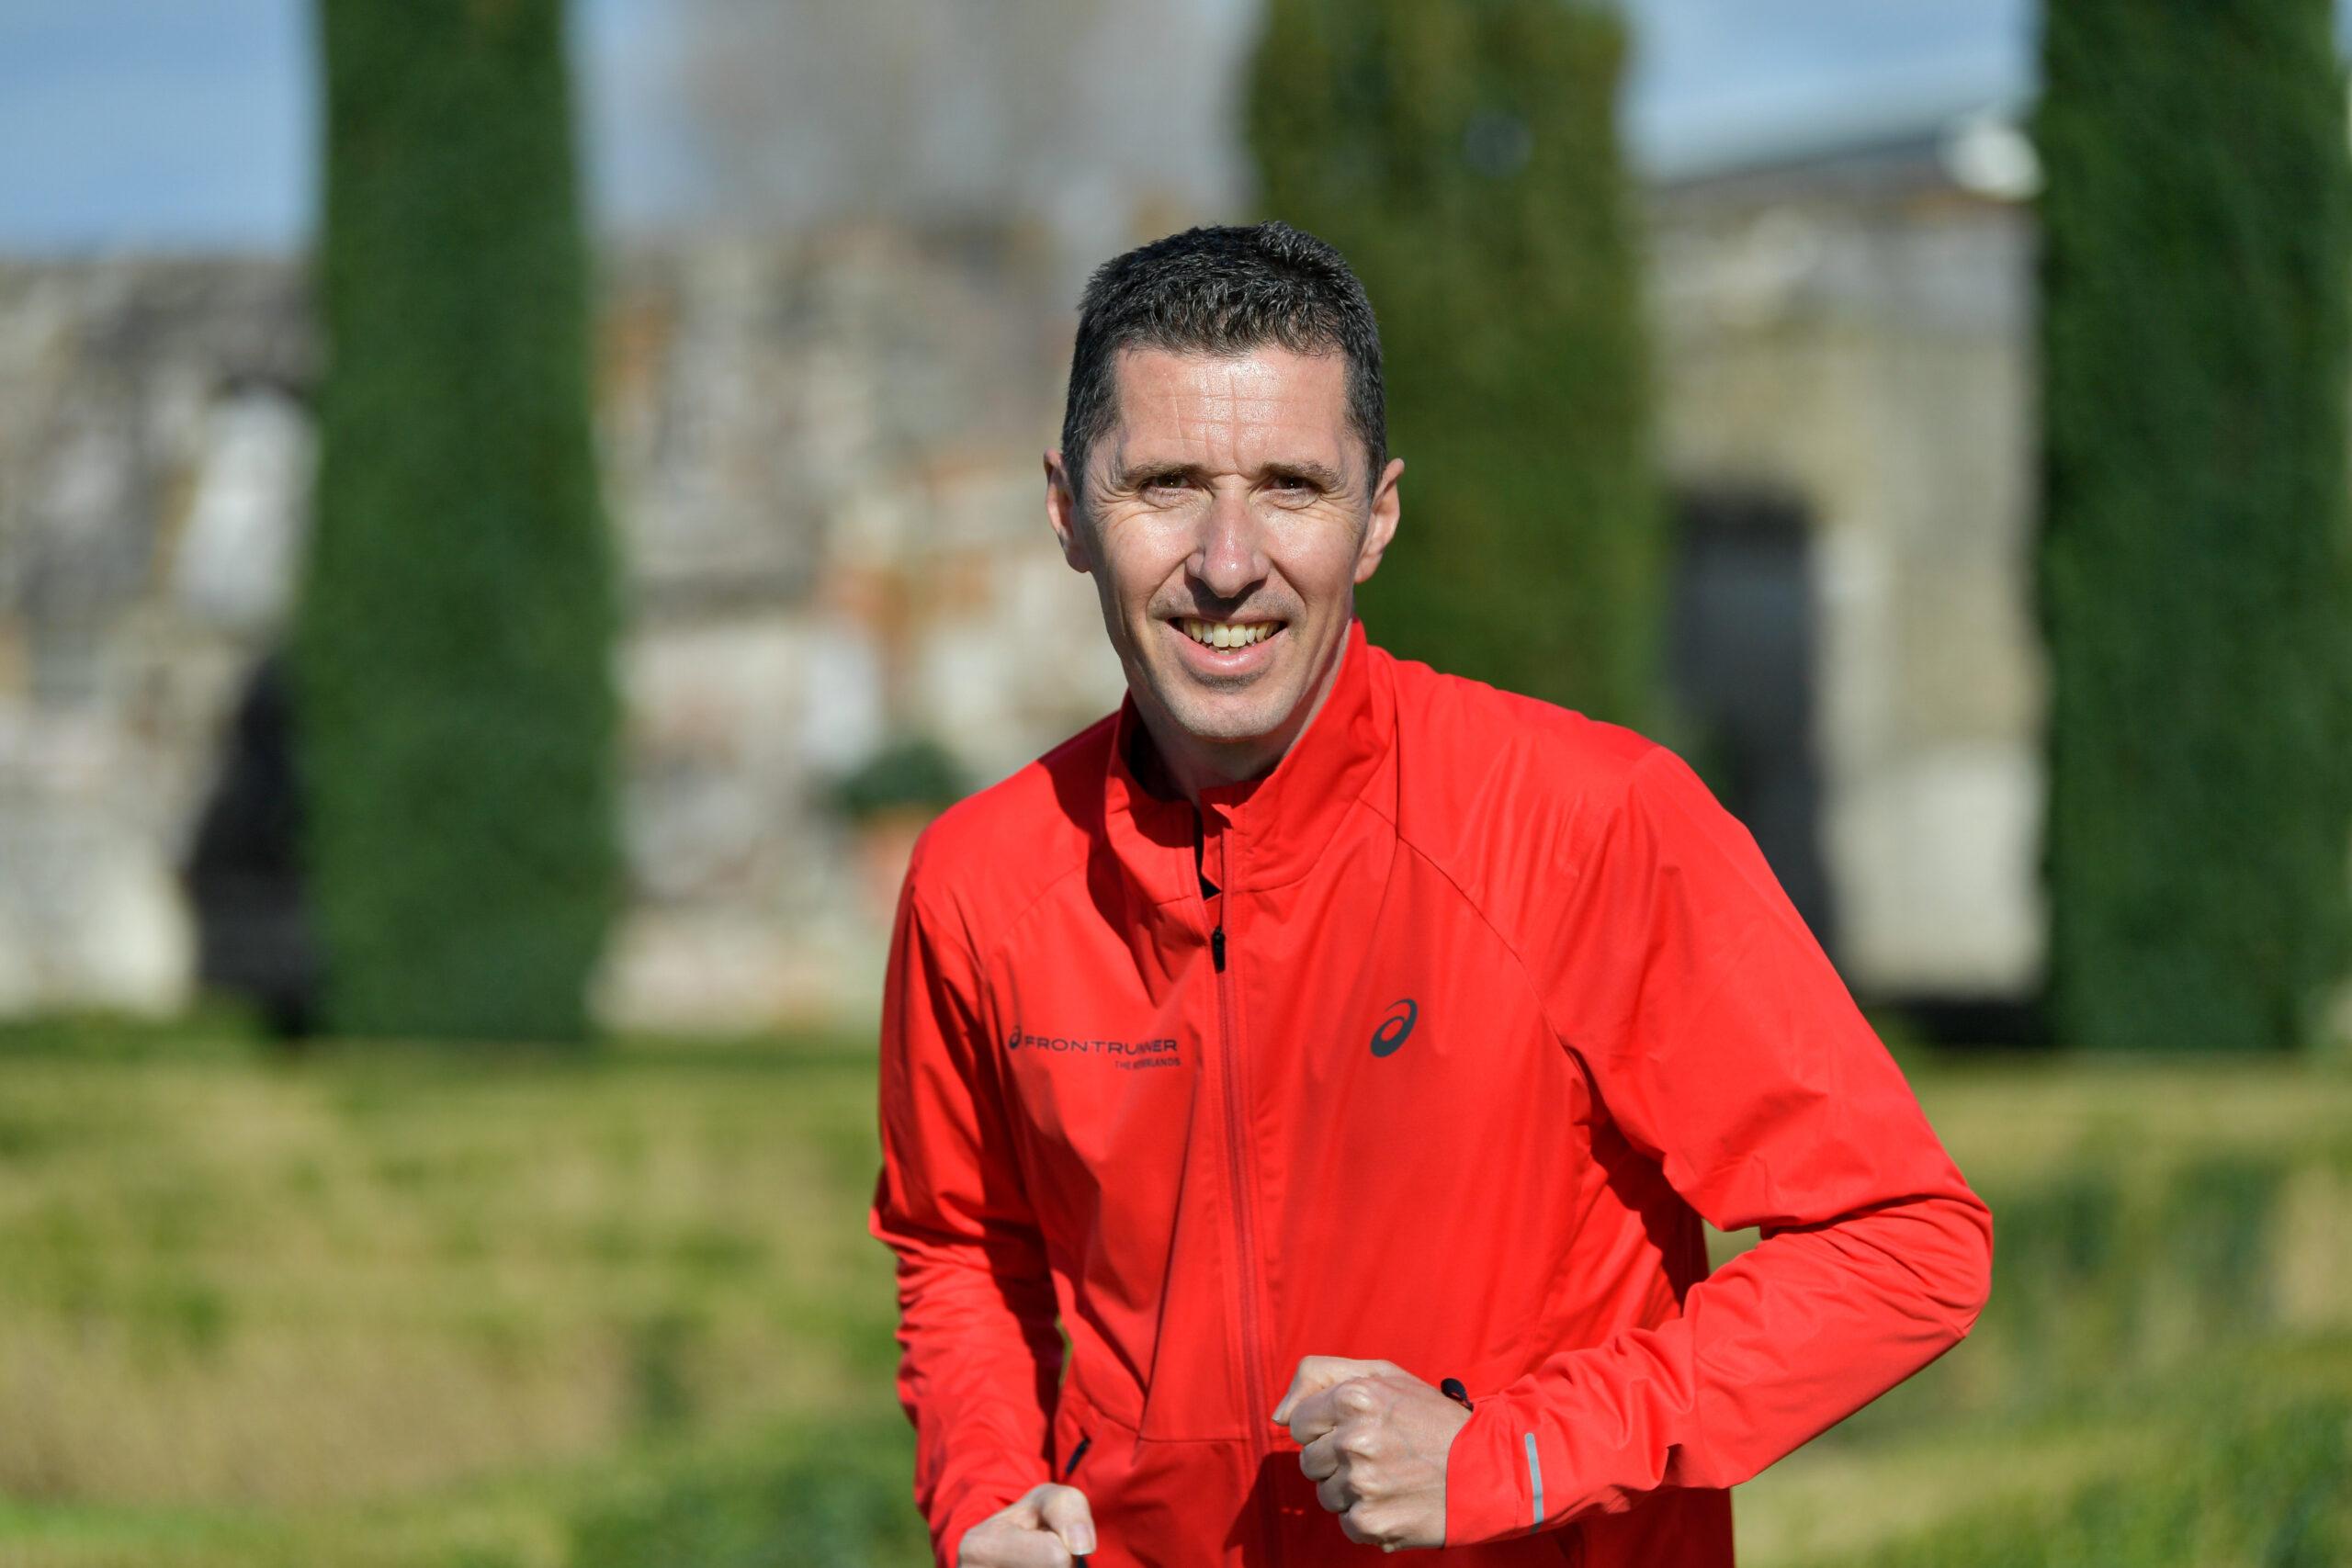 Raoul Spronken of Running Tours NET